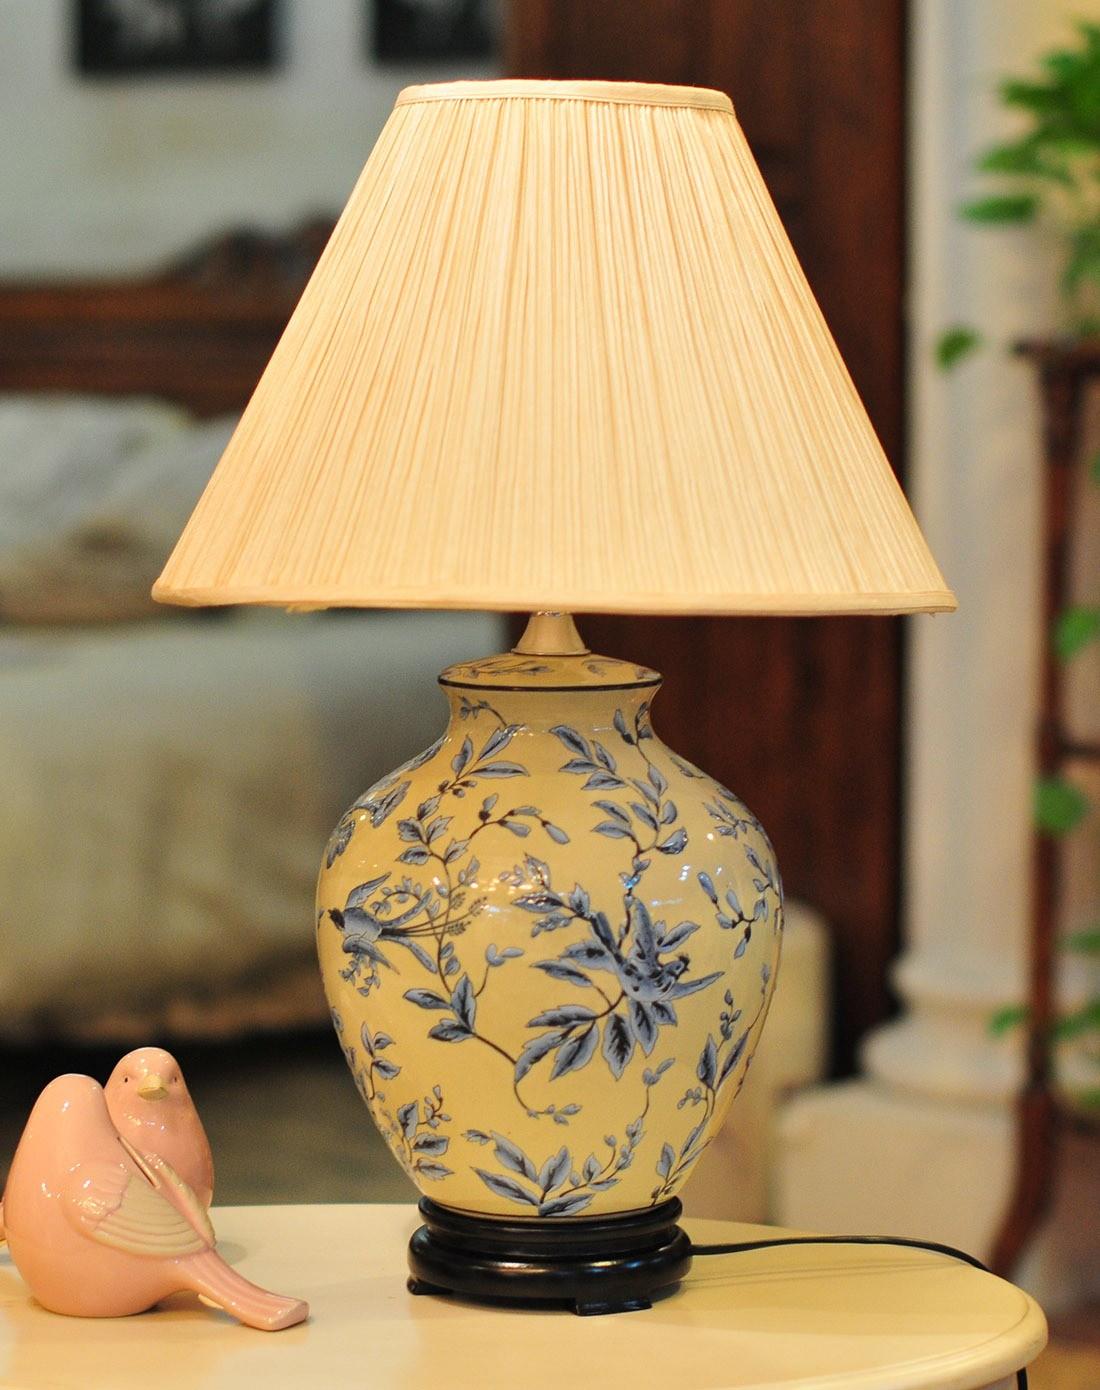 欧式高档陶瓷时尚装饰台灯具